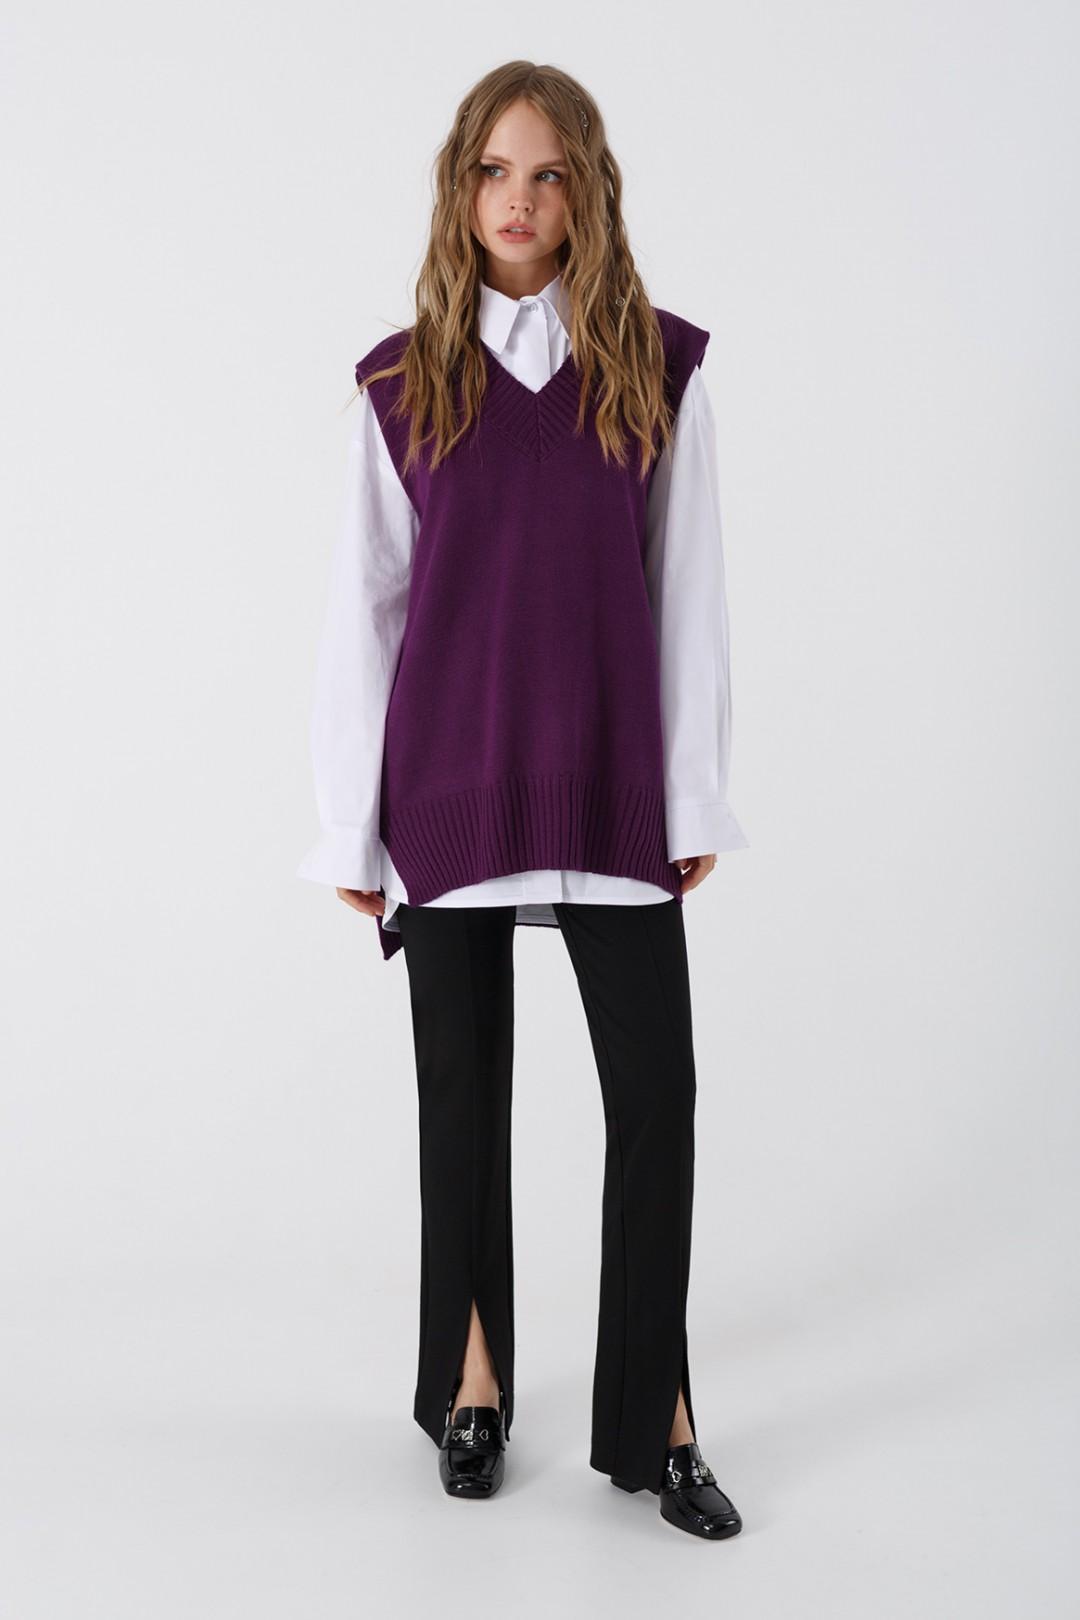 Комплект Pirs 3393 фиолетовый+ белый+ черный